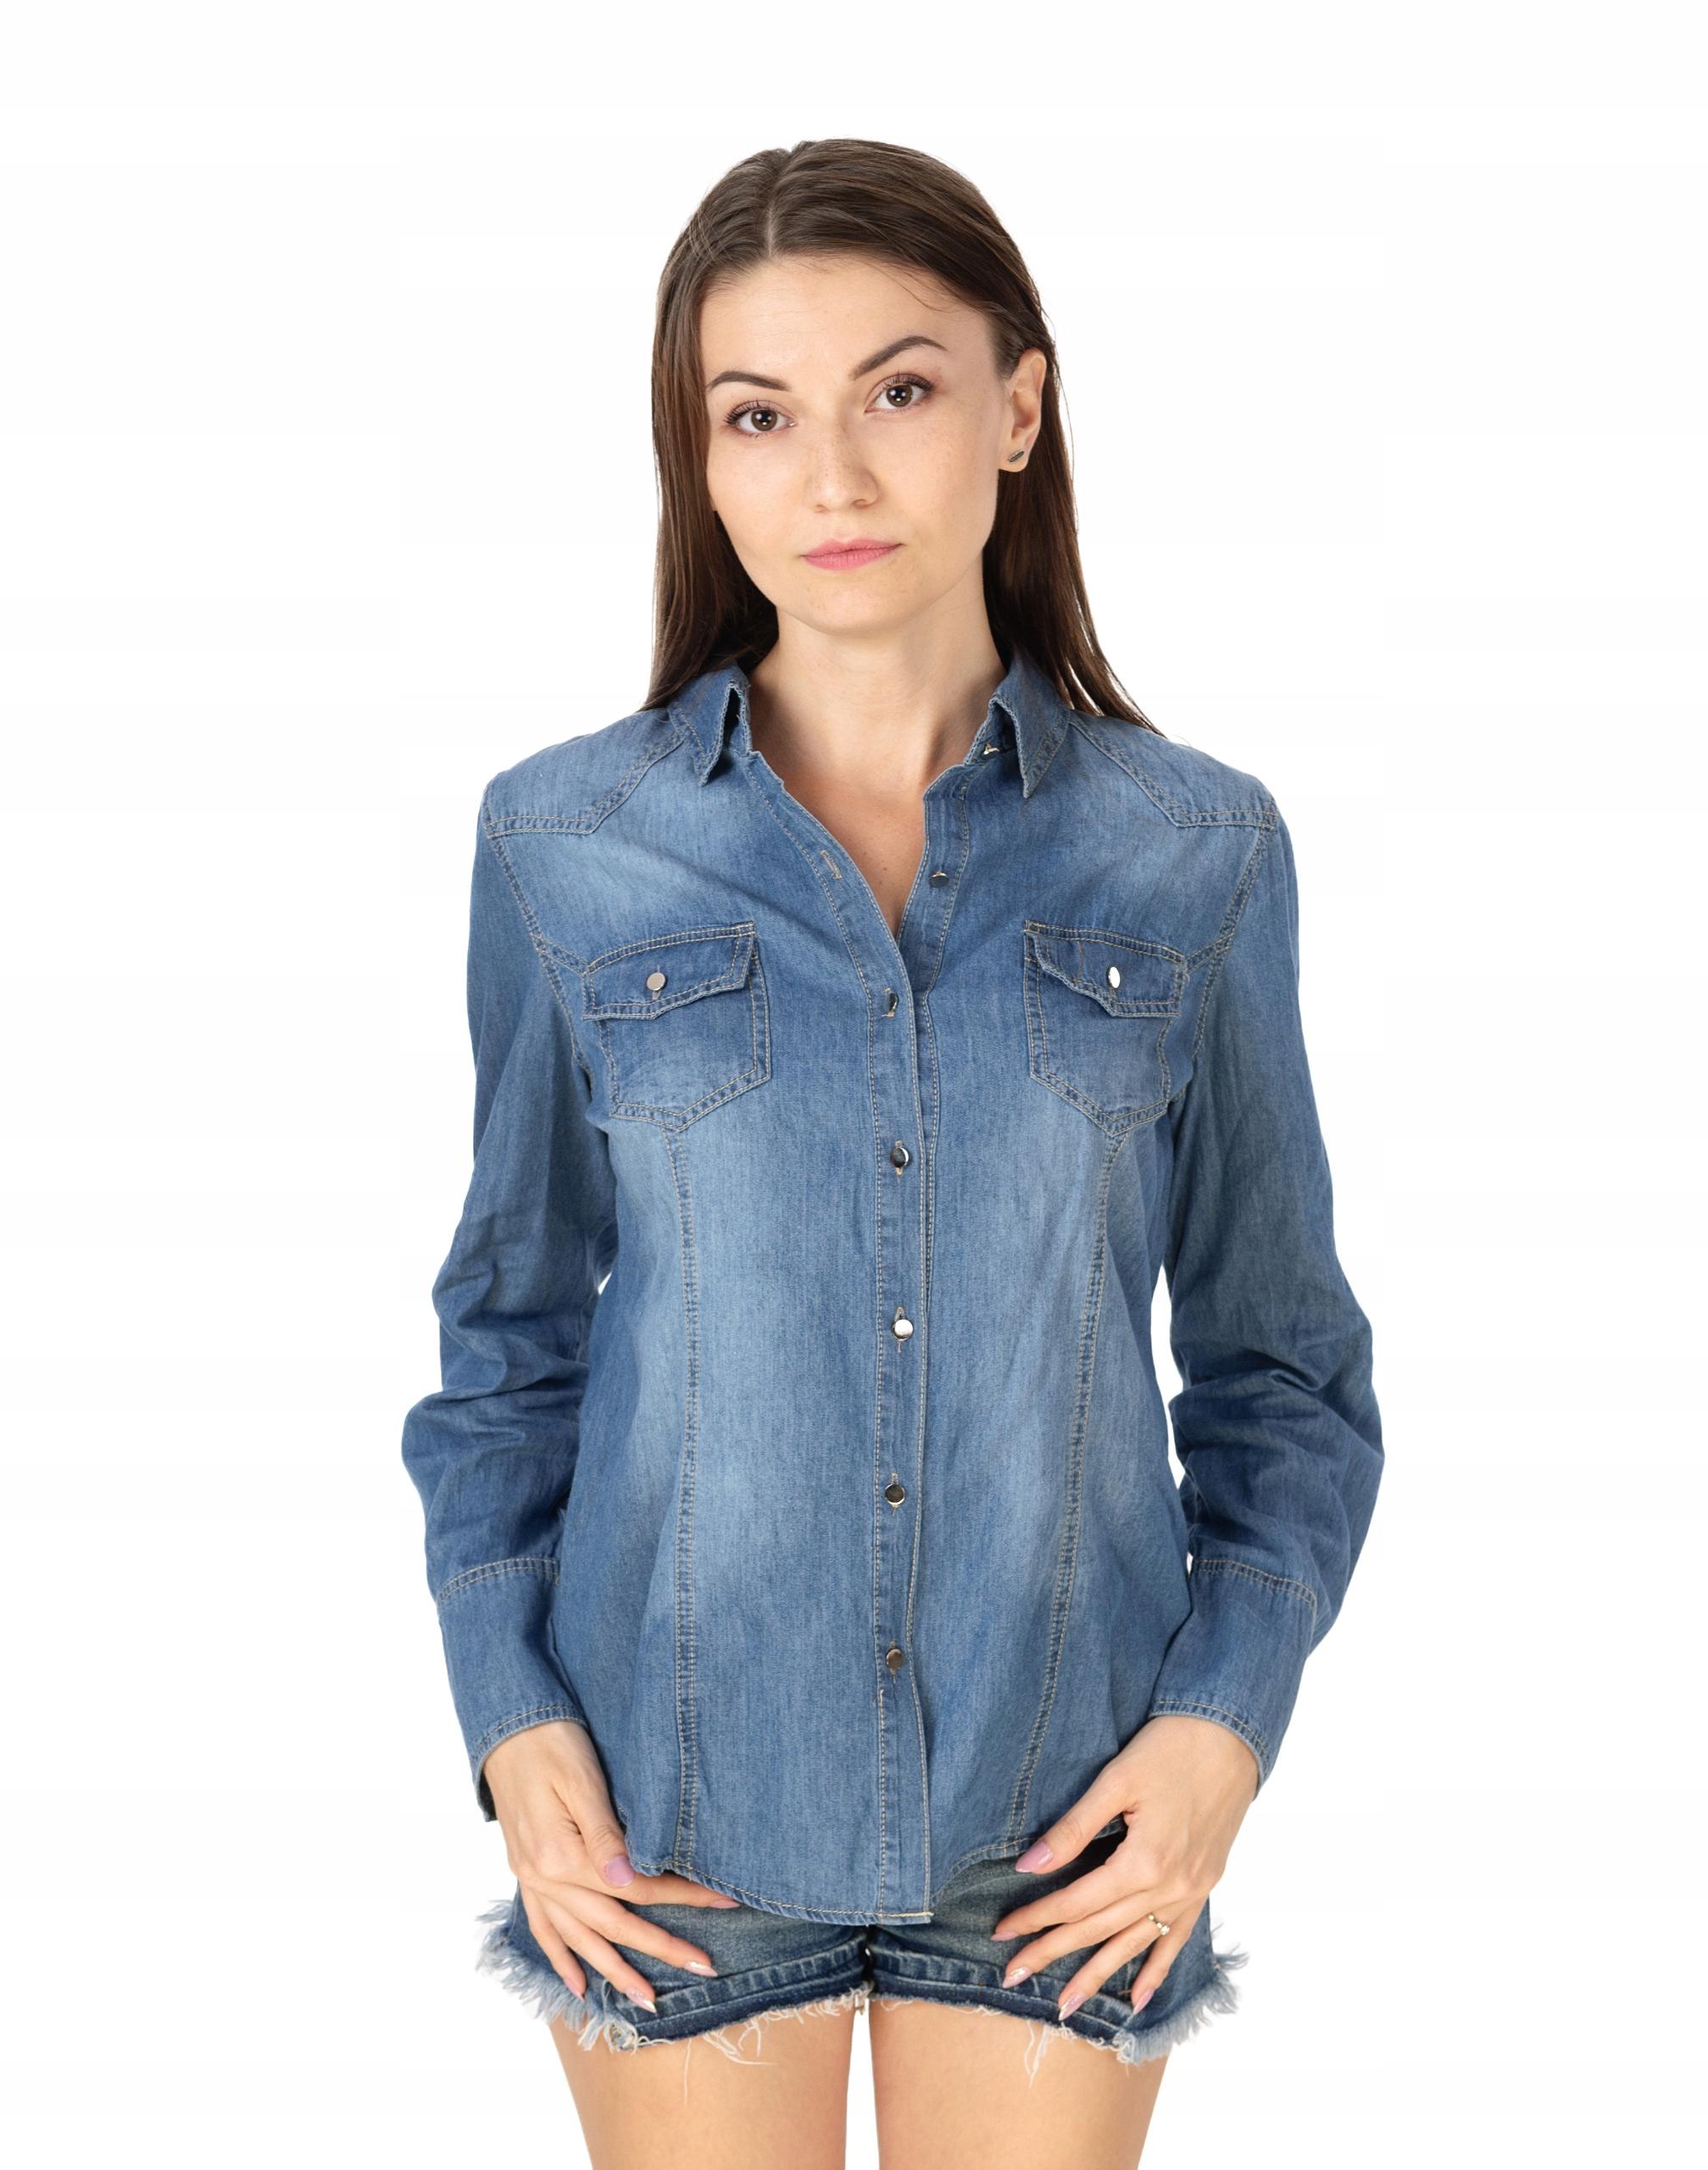 Koszula Damska Jeansowa Bluzka Dżinsowa Y003 r XL